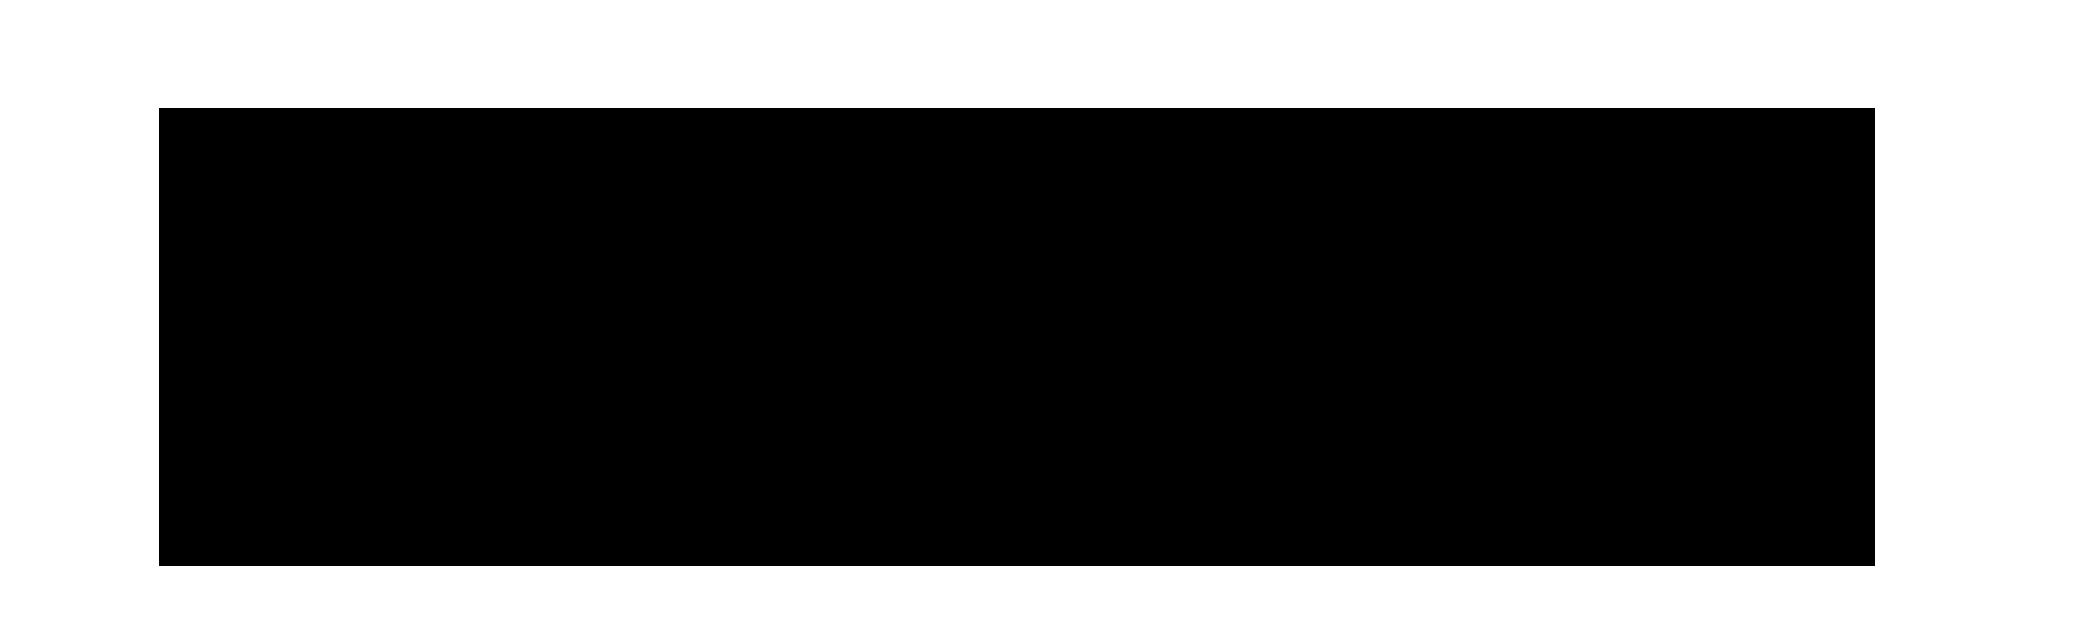 PáVa Galéria